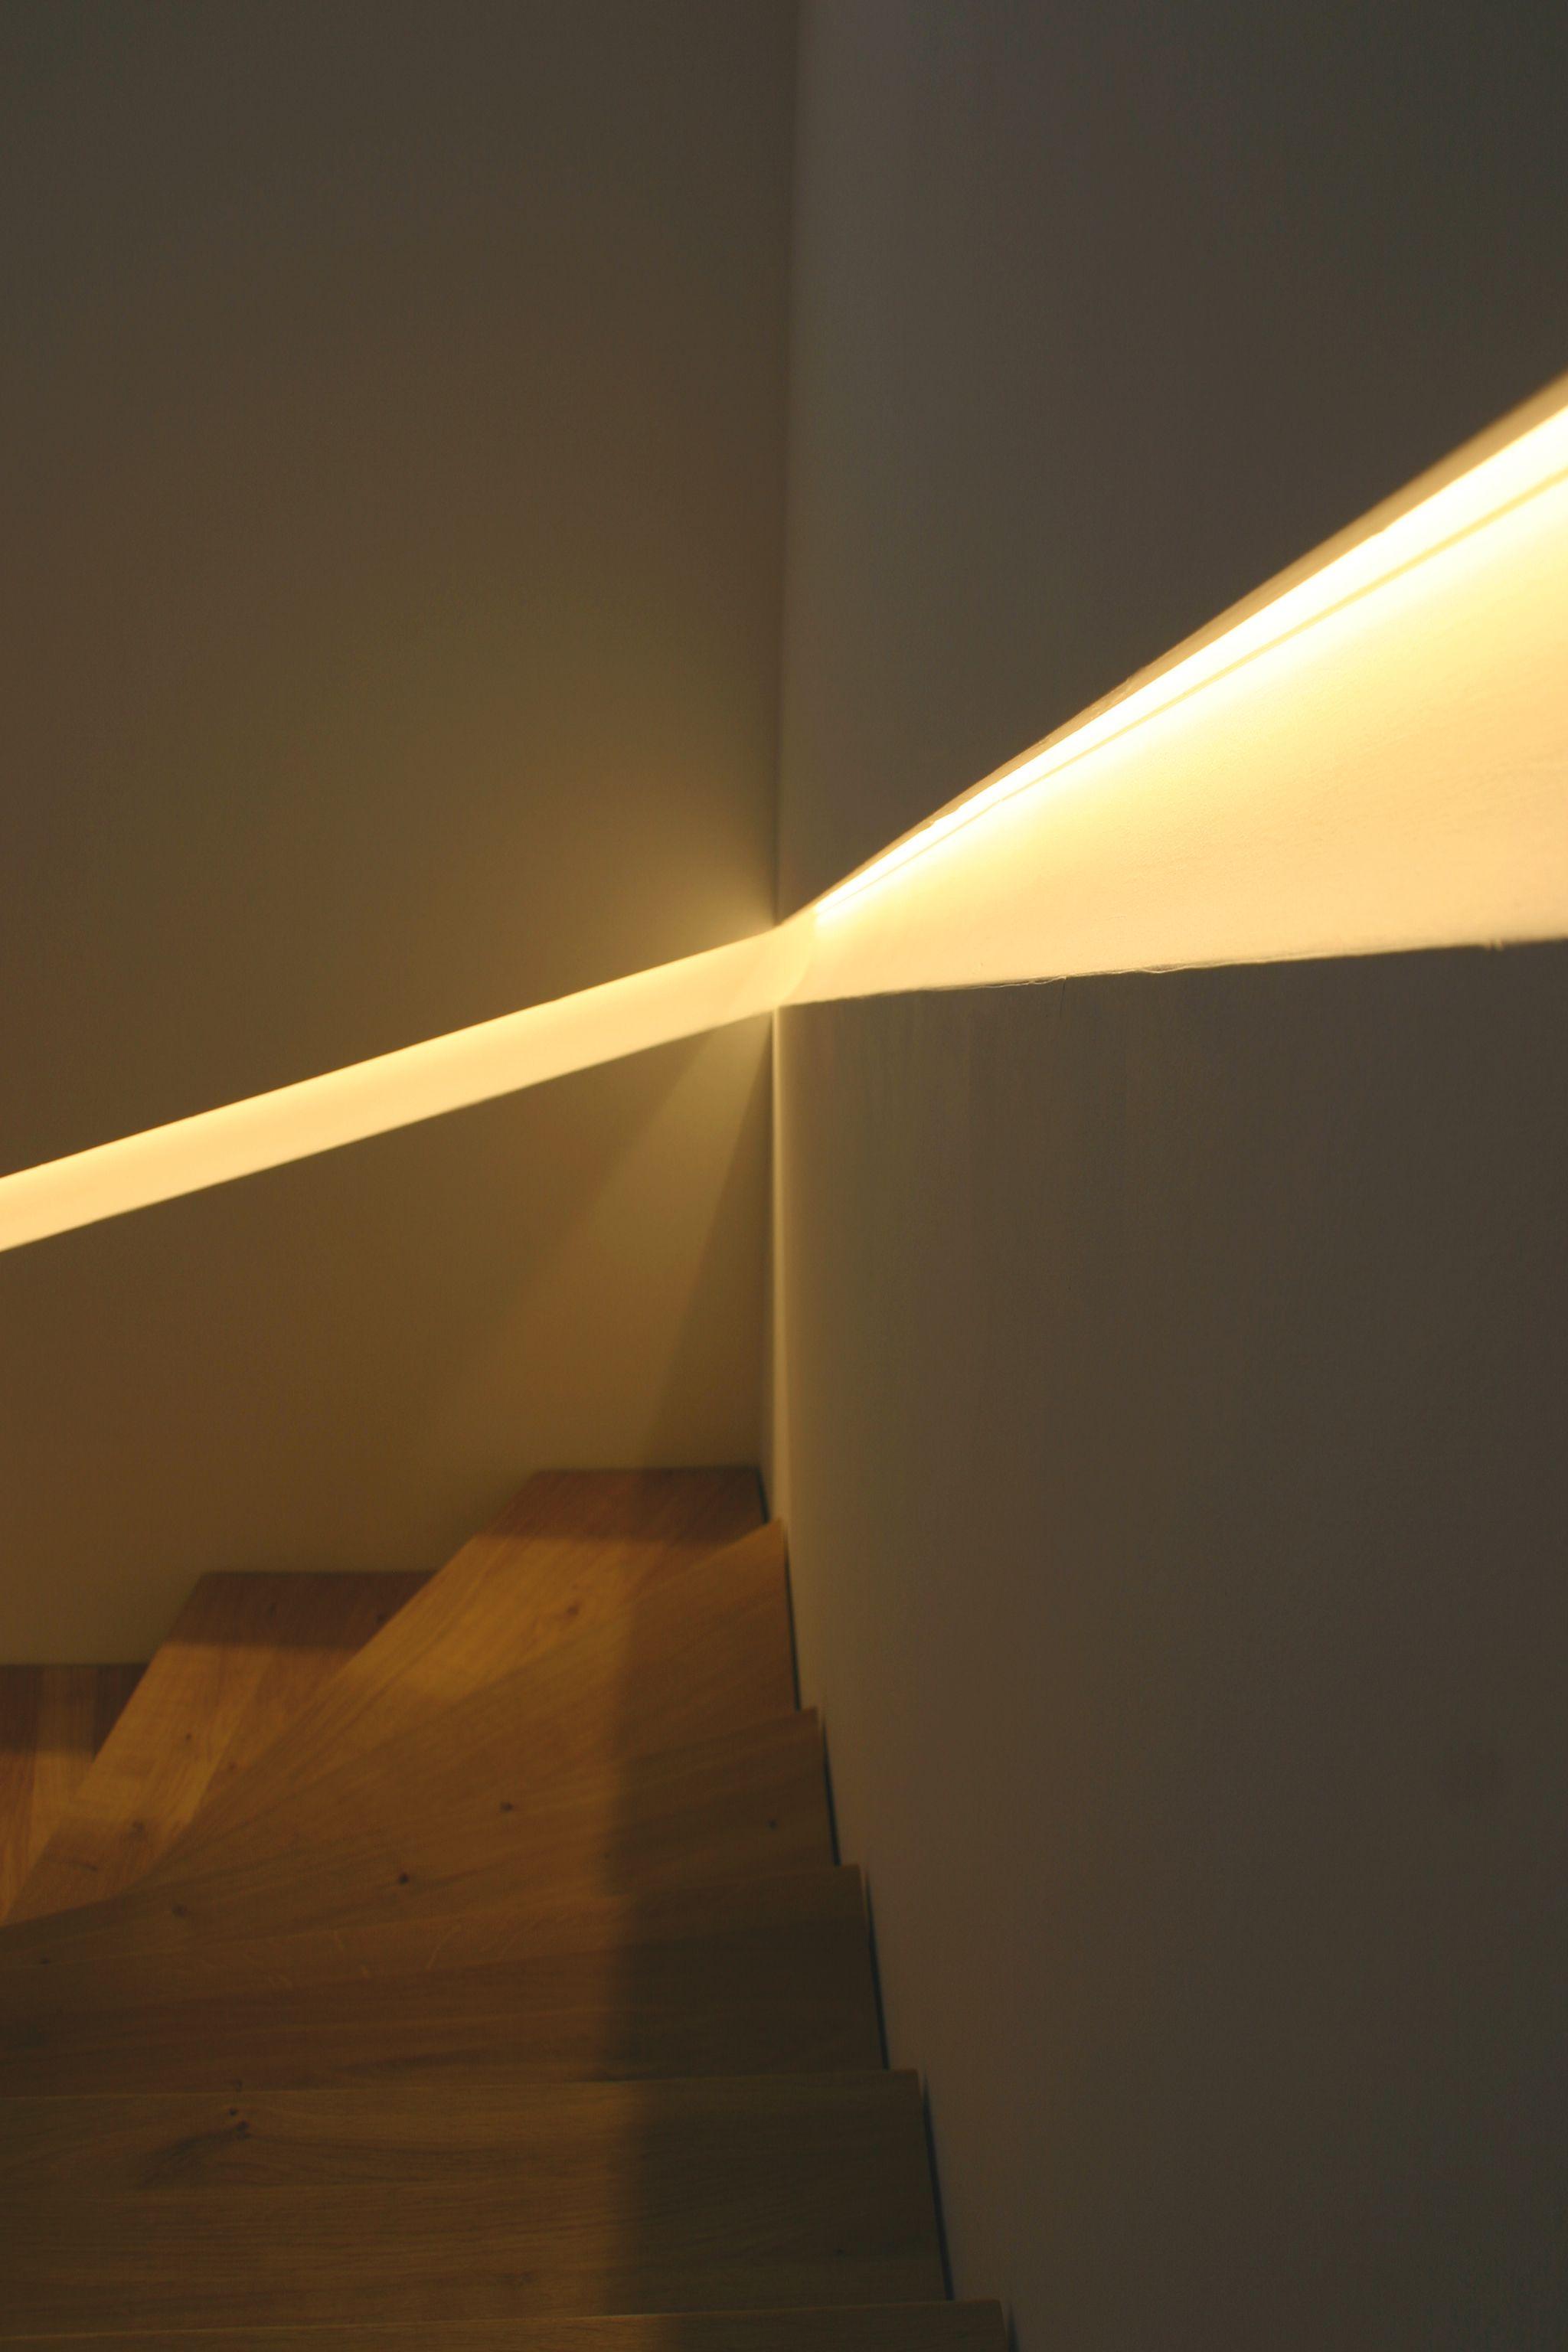 Lichtband Treppe Handlauf Treppenbeleuchtung Treppe Haus